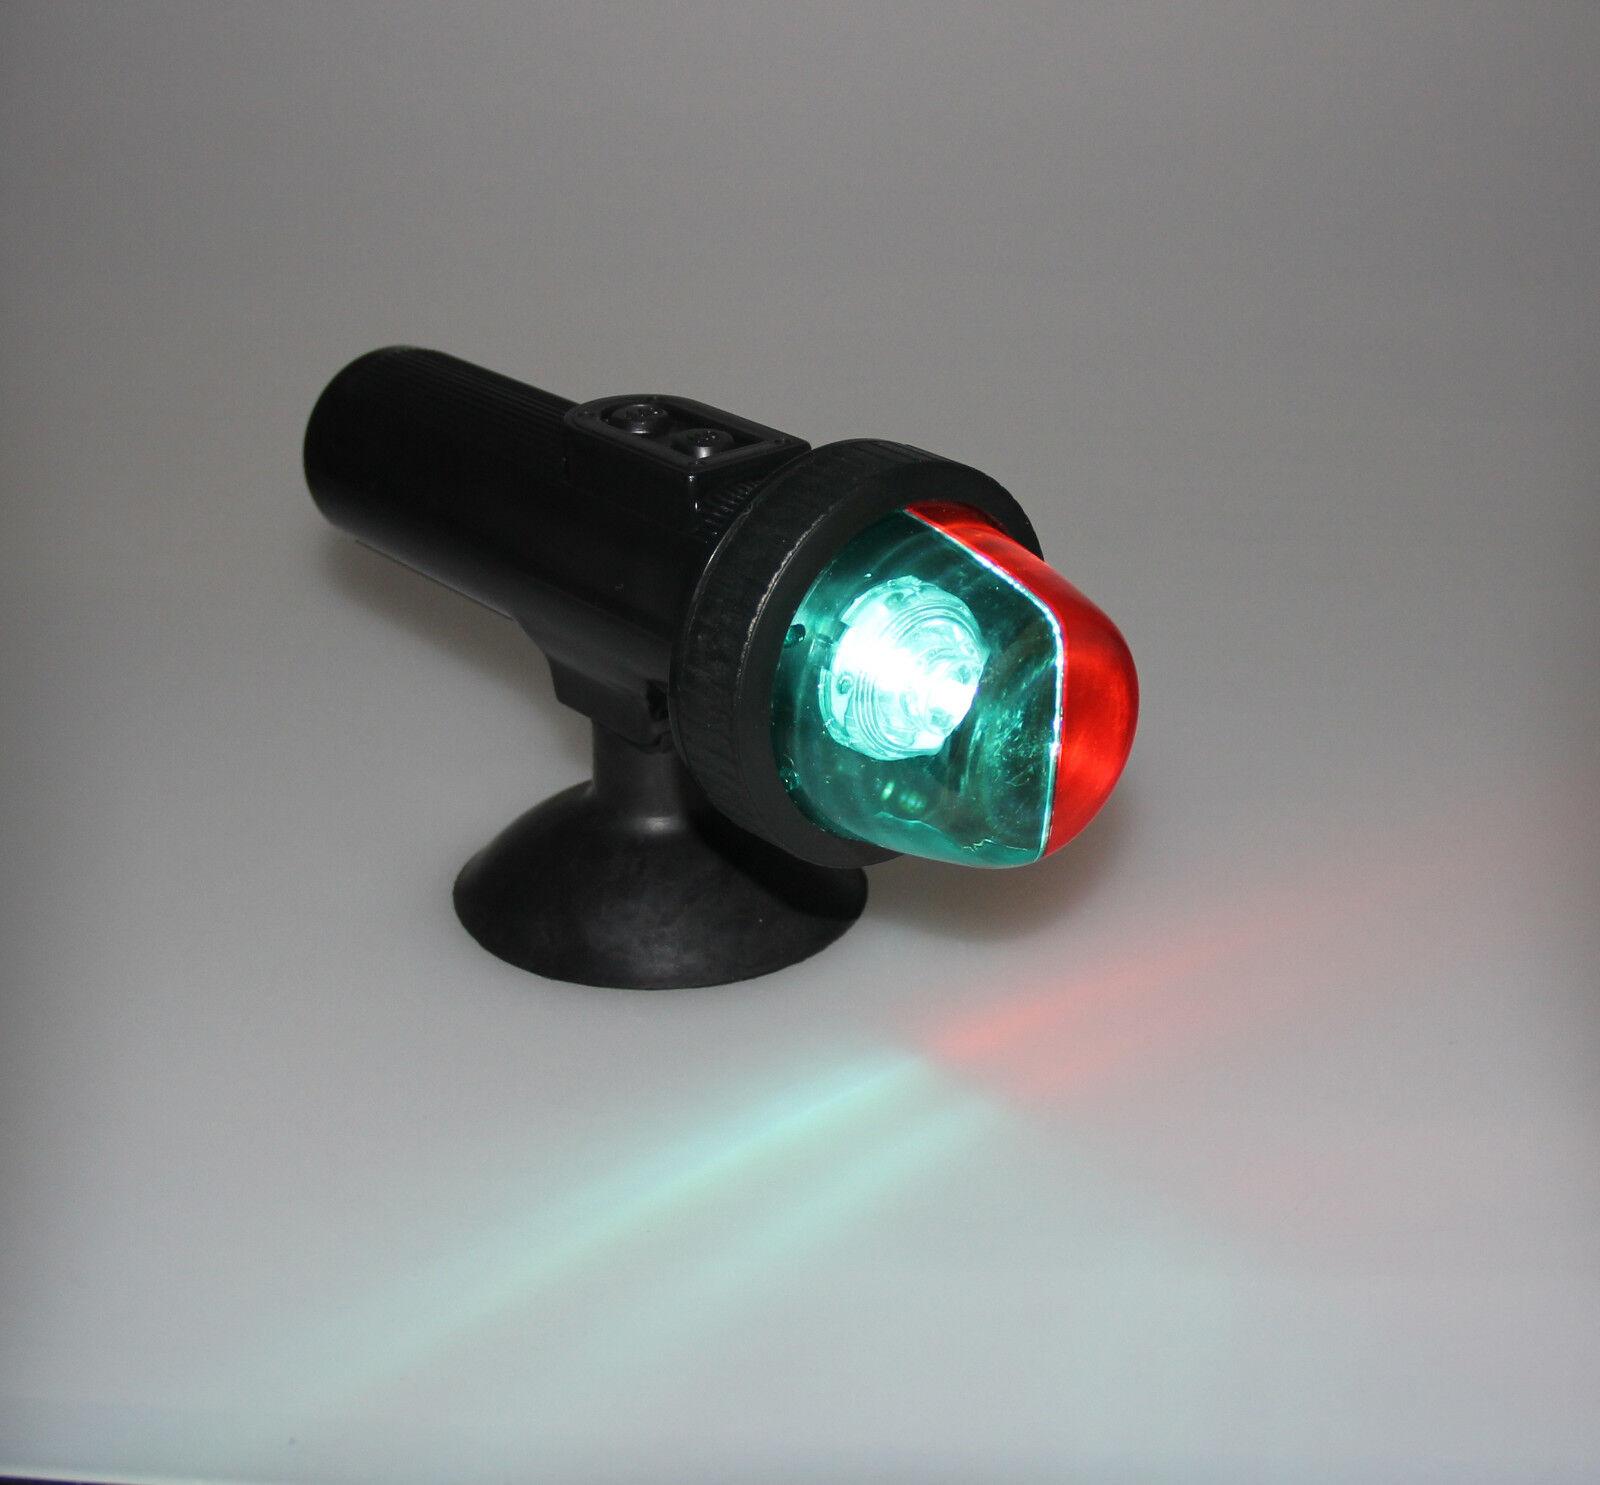 BOAT BI-COLOR PORT STARBOARD NAVIGATION LIGHT SUCTION